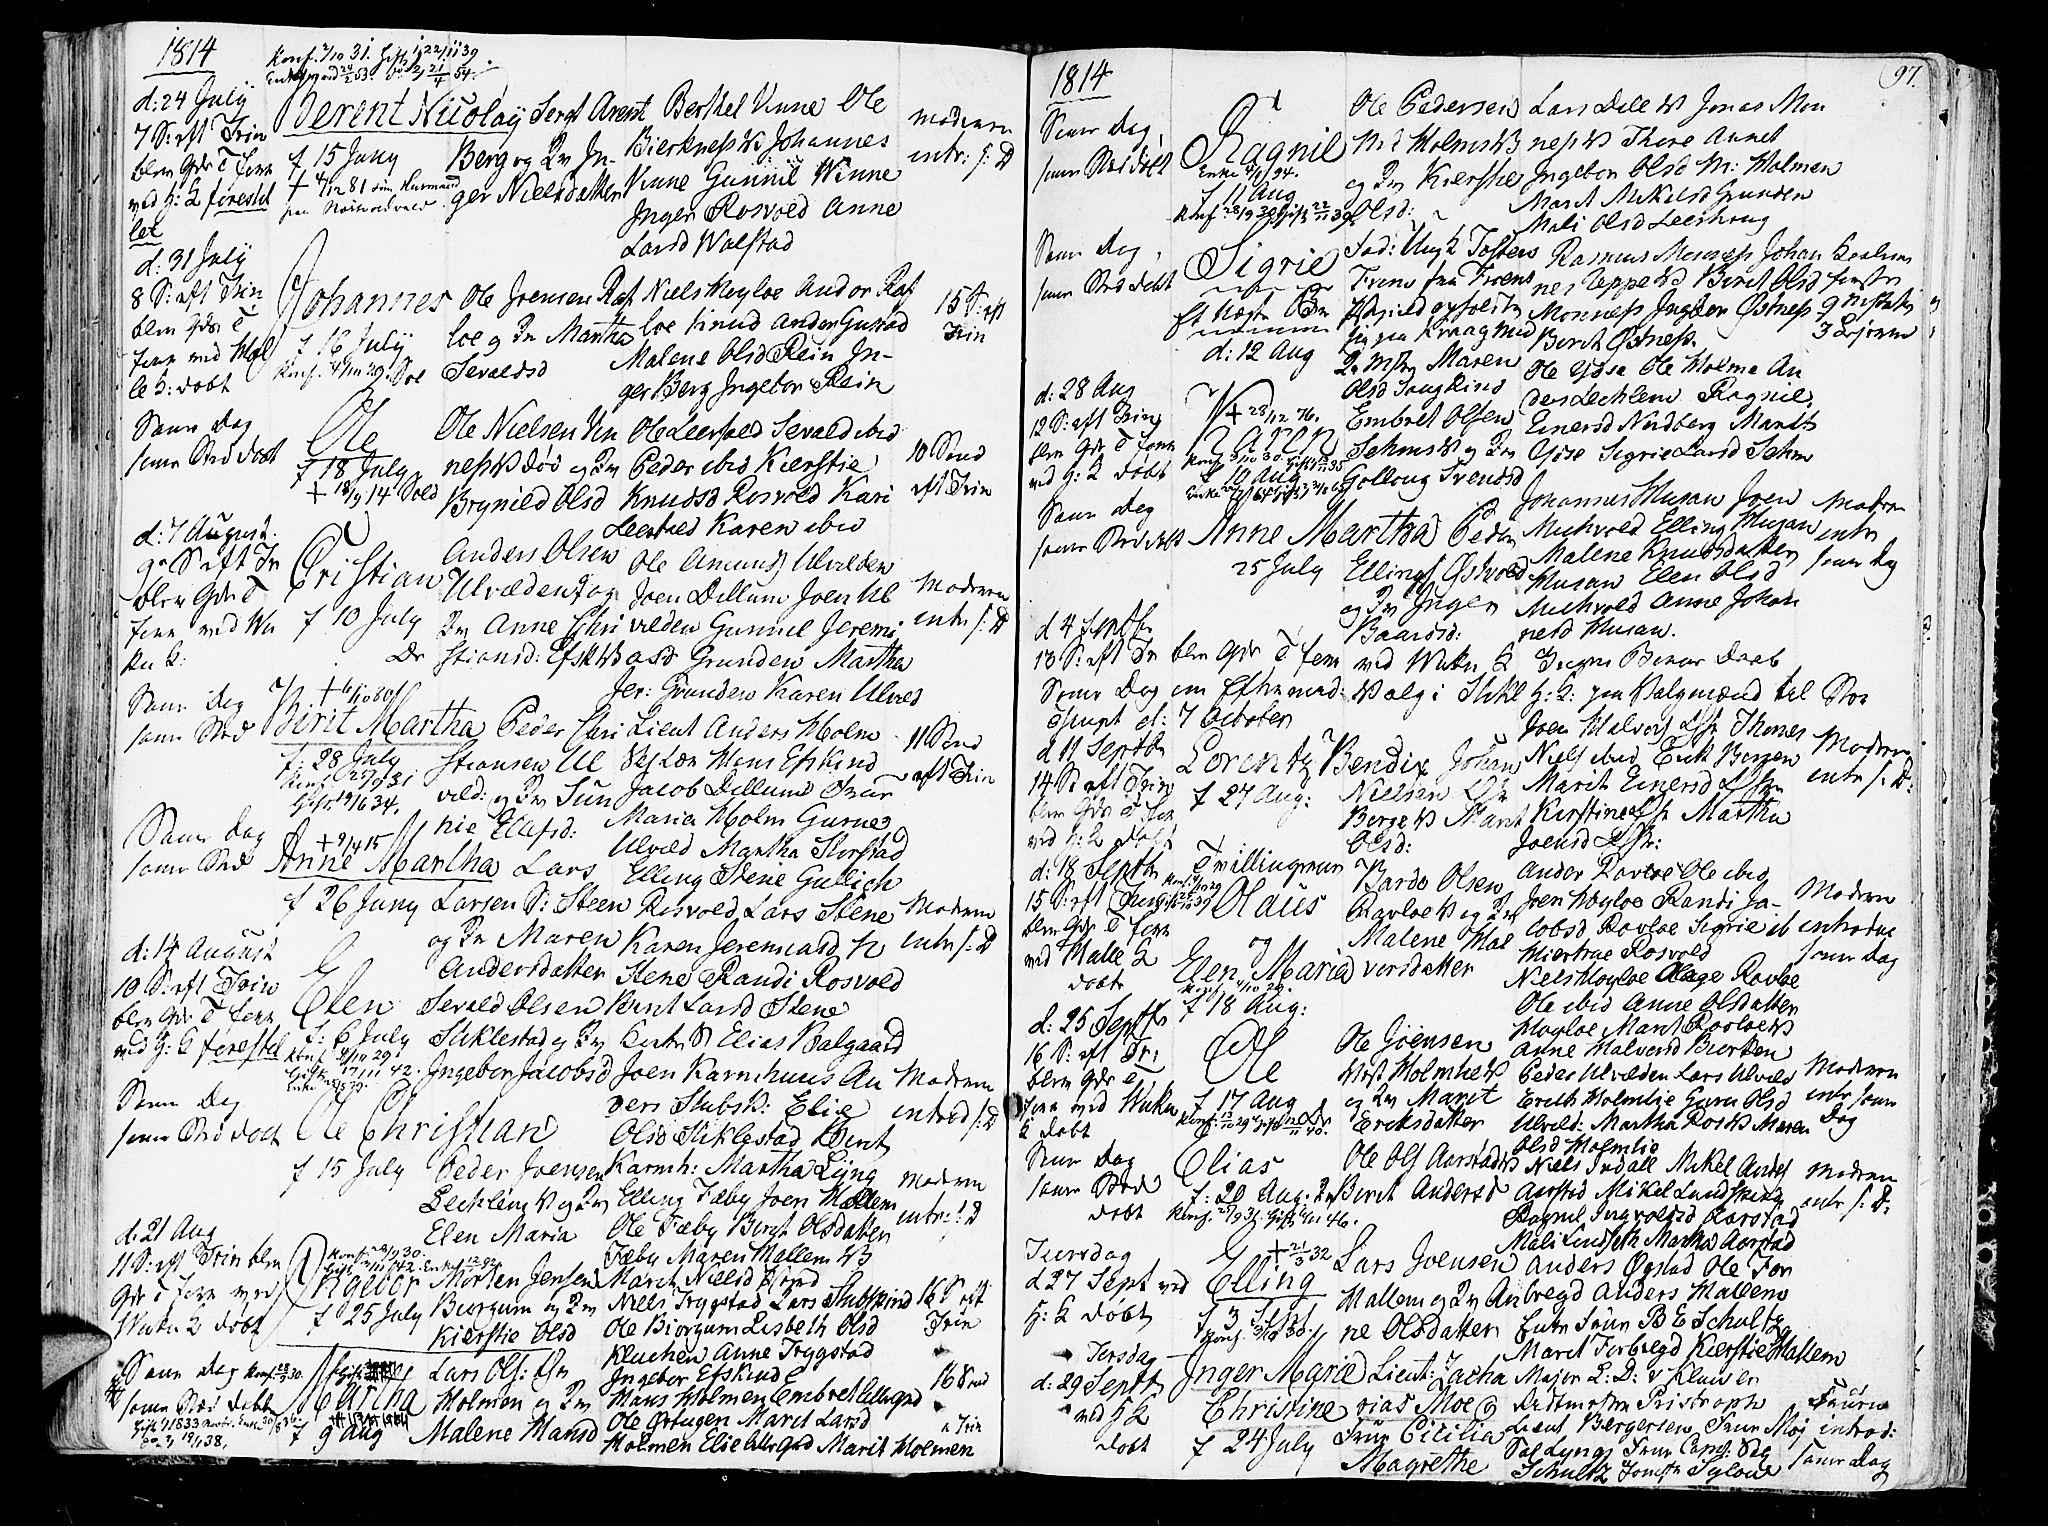 SAT, Ministerialprotokoller, klokkerbøker og fødselsregistre - Nord-Trøndelag, 723/L0233: Ministerialbok nr. 723A04, 1805-1816, s. 97